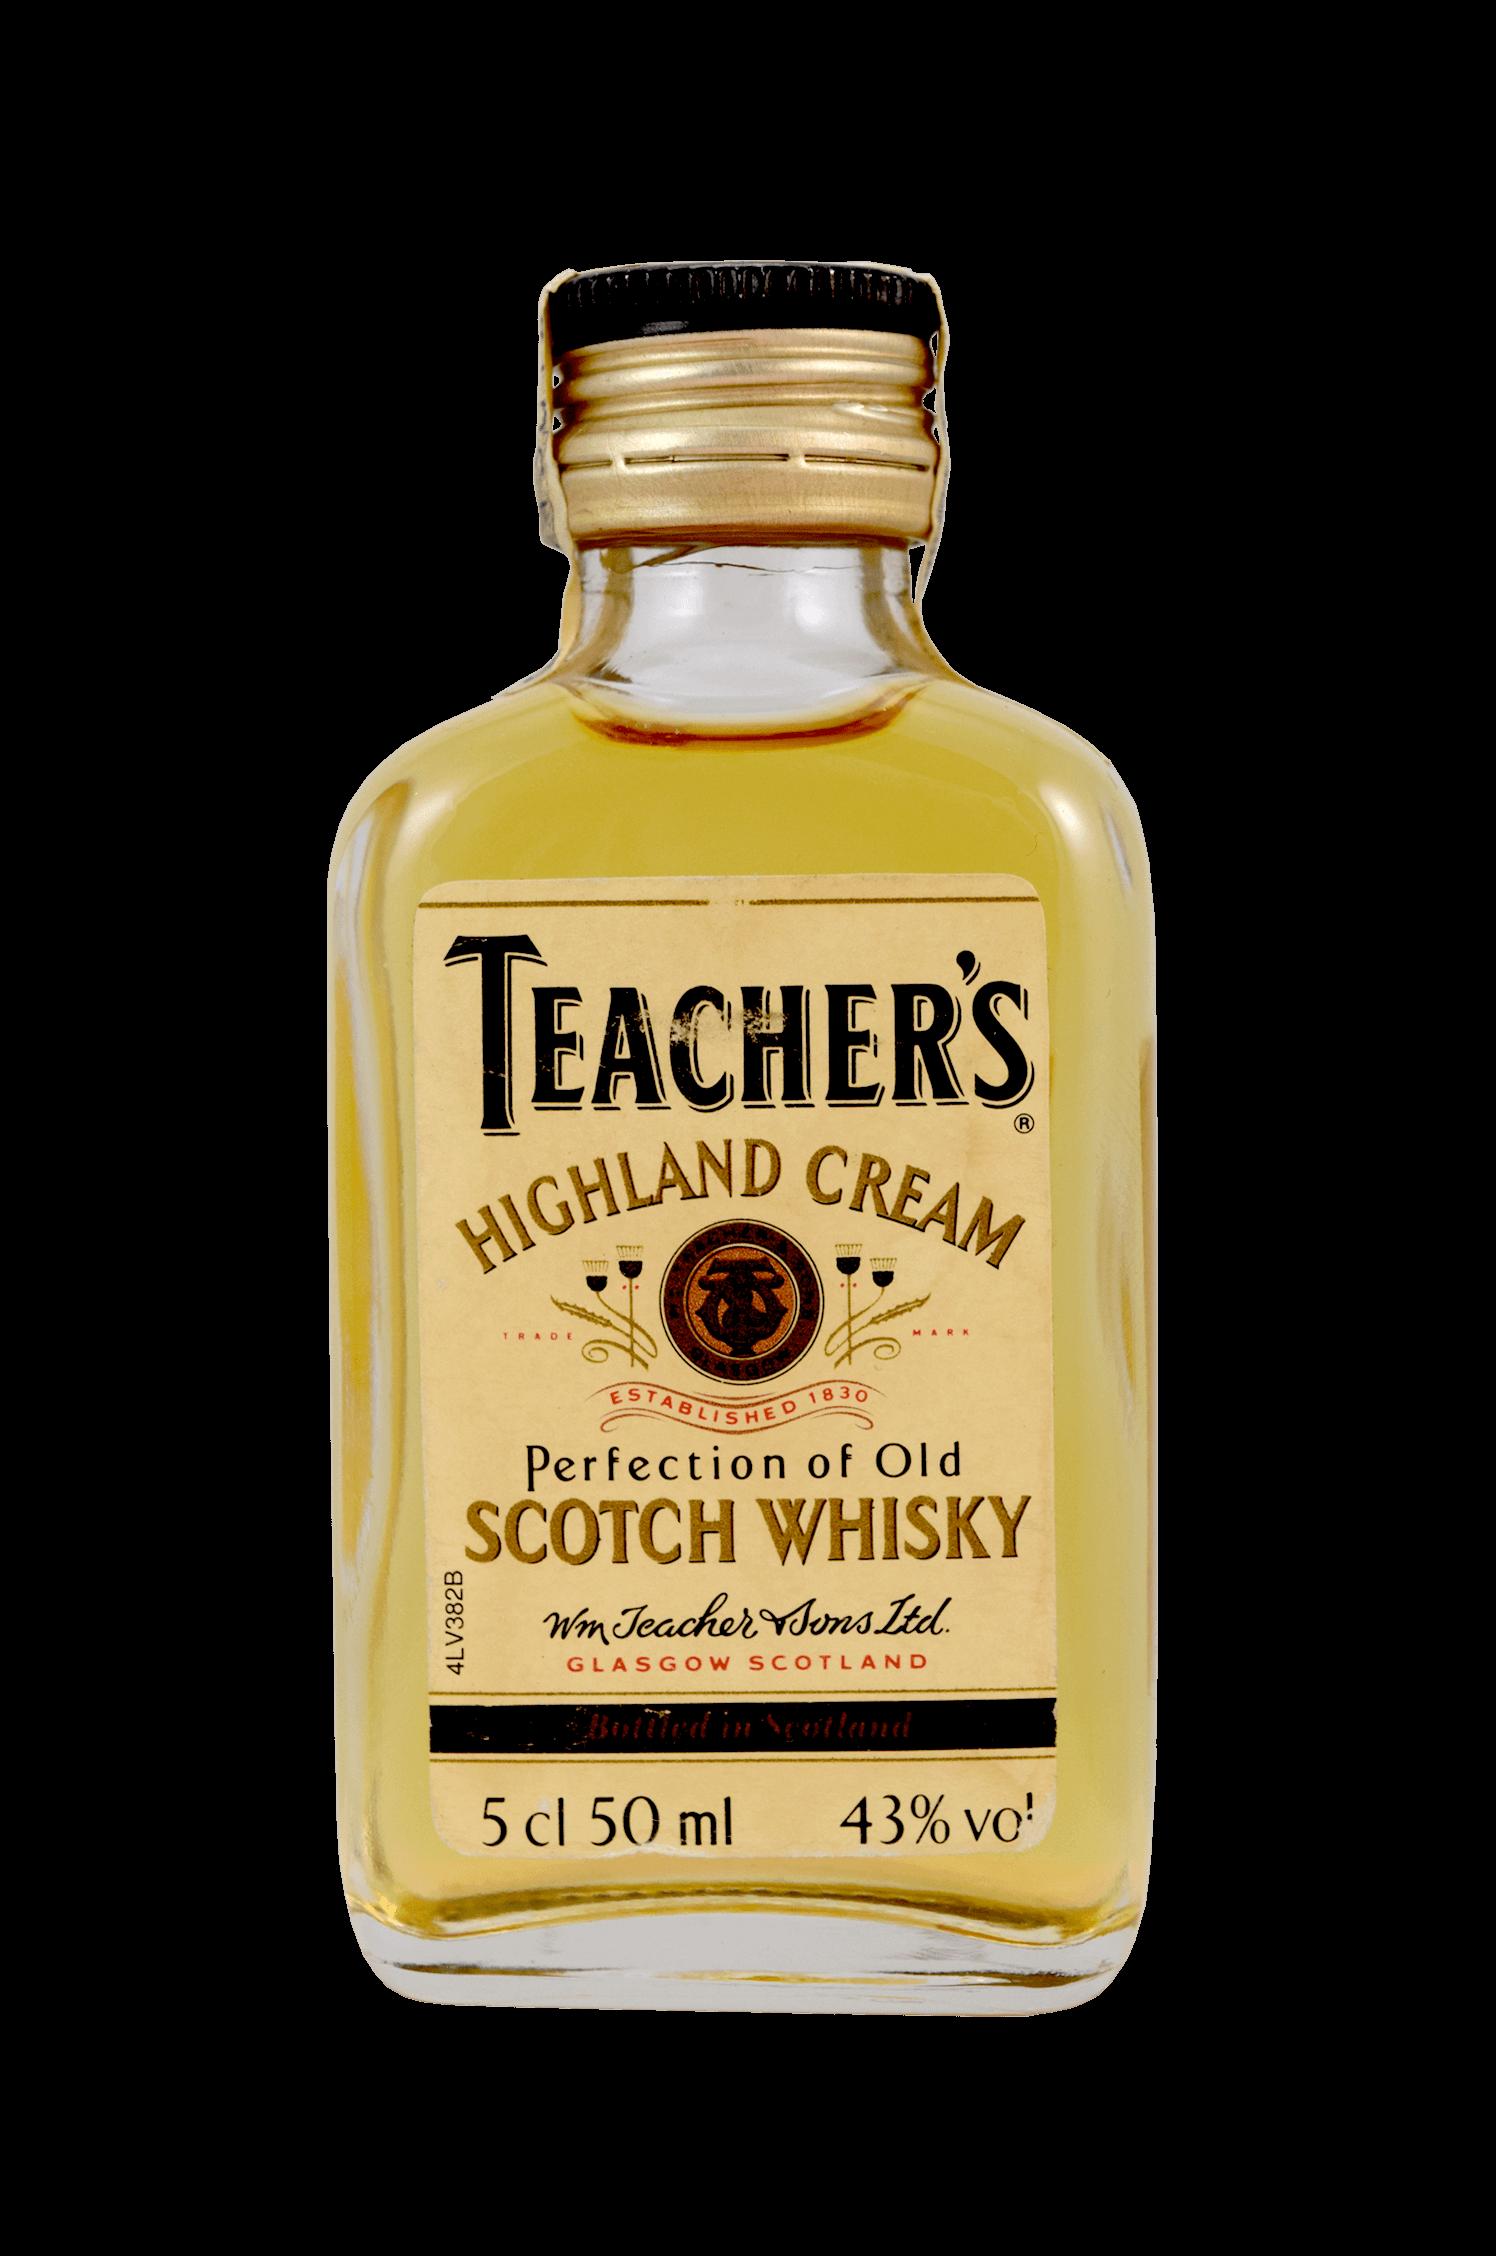 Teachers Highland Cream Whisky